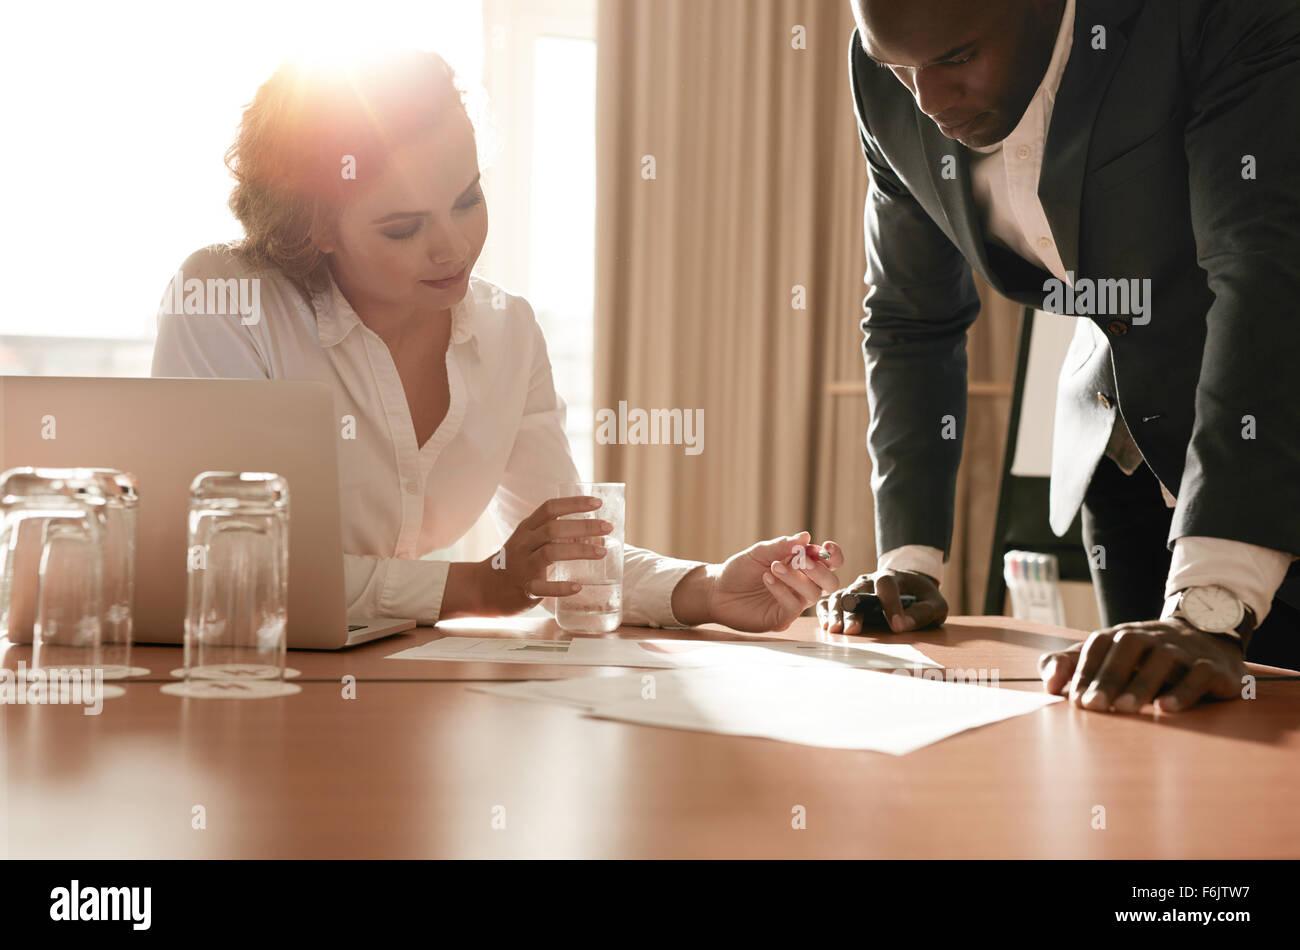 Deux jeunes collègues d'affaires travaille sur des idées d'affaires. L'analyse des rapports d'affaires des entrepreneurs Banque D'Images